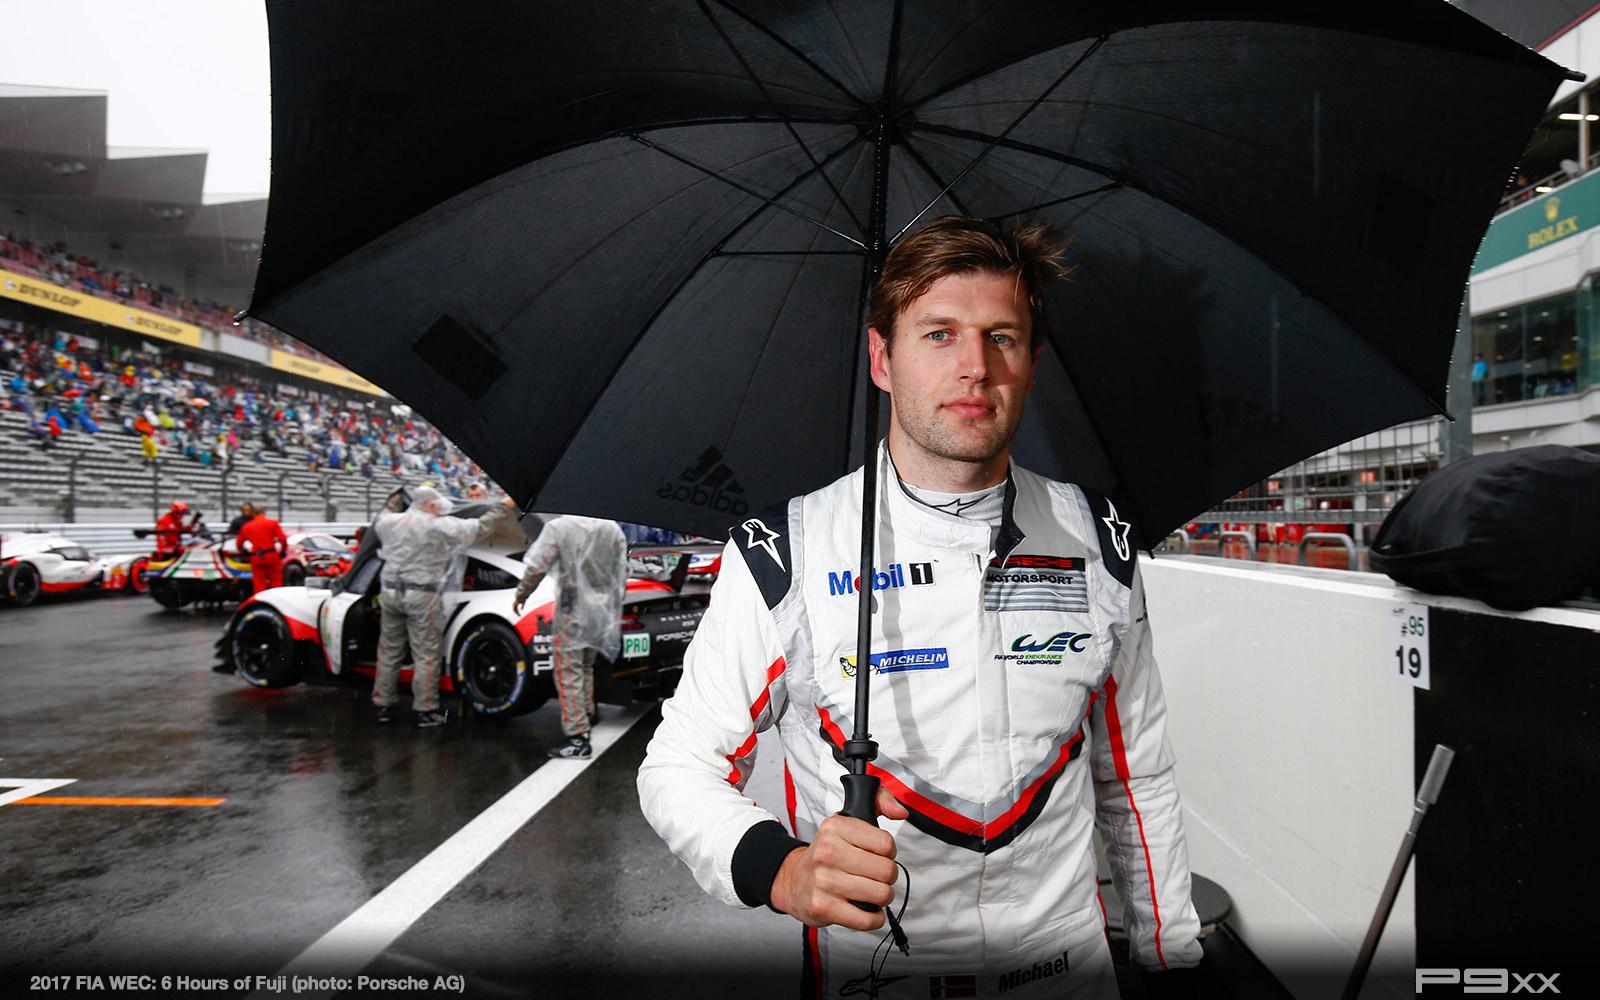 2017-FIA-WEC-6h-of-Fuji-Porsche-471